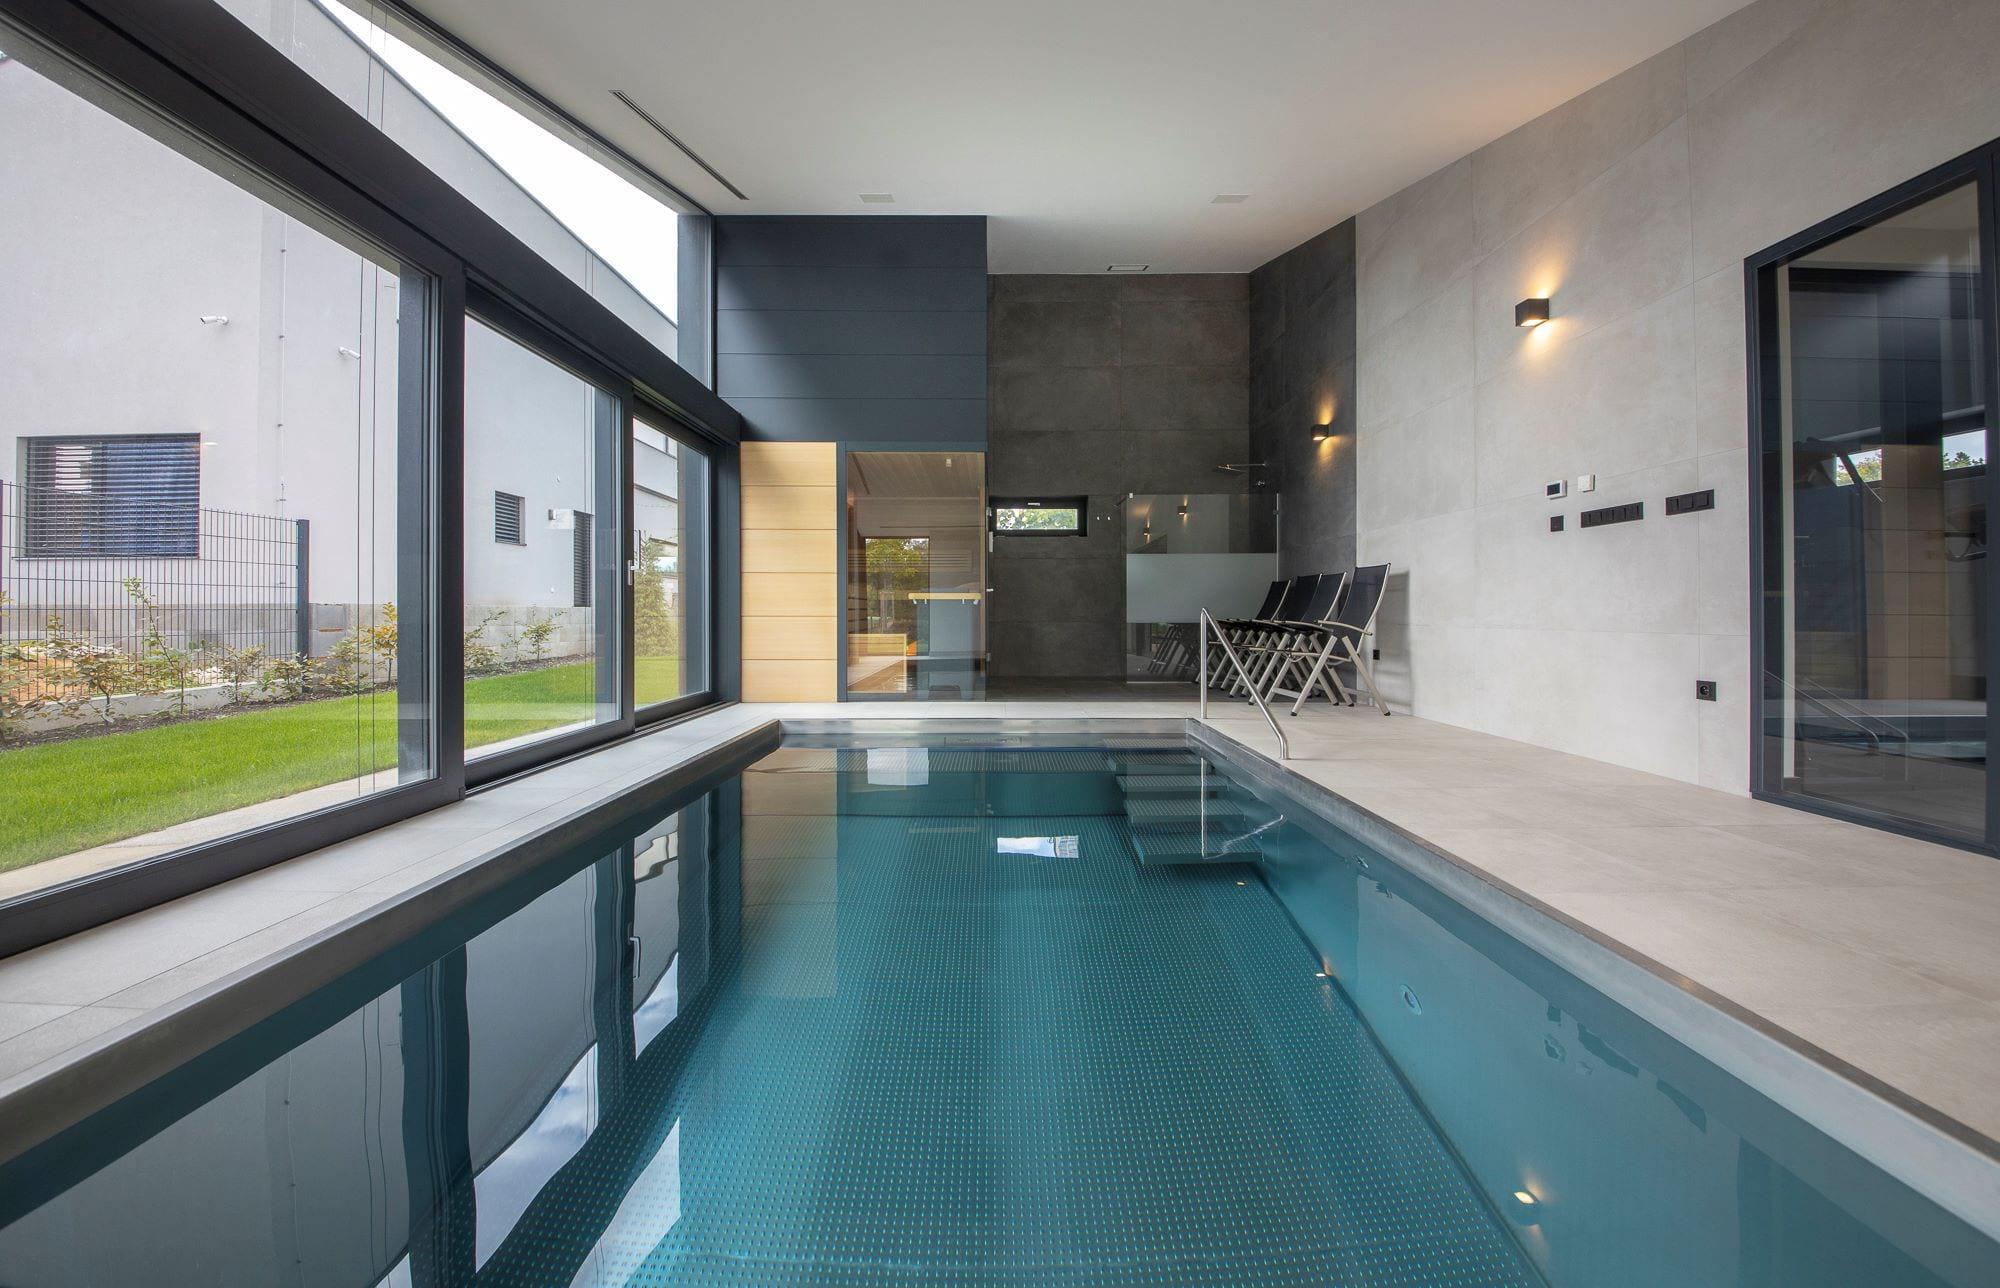 Malý interiérový bazén s výkonným protiproudem